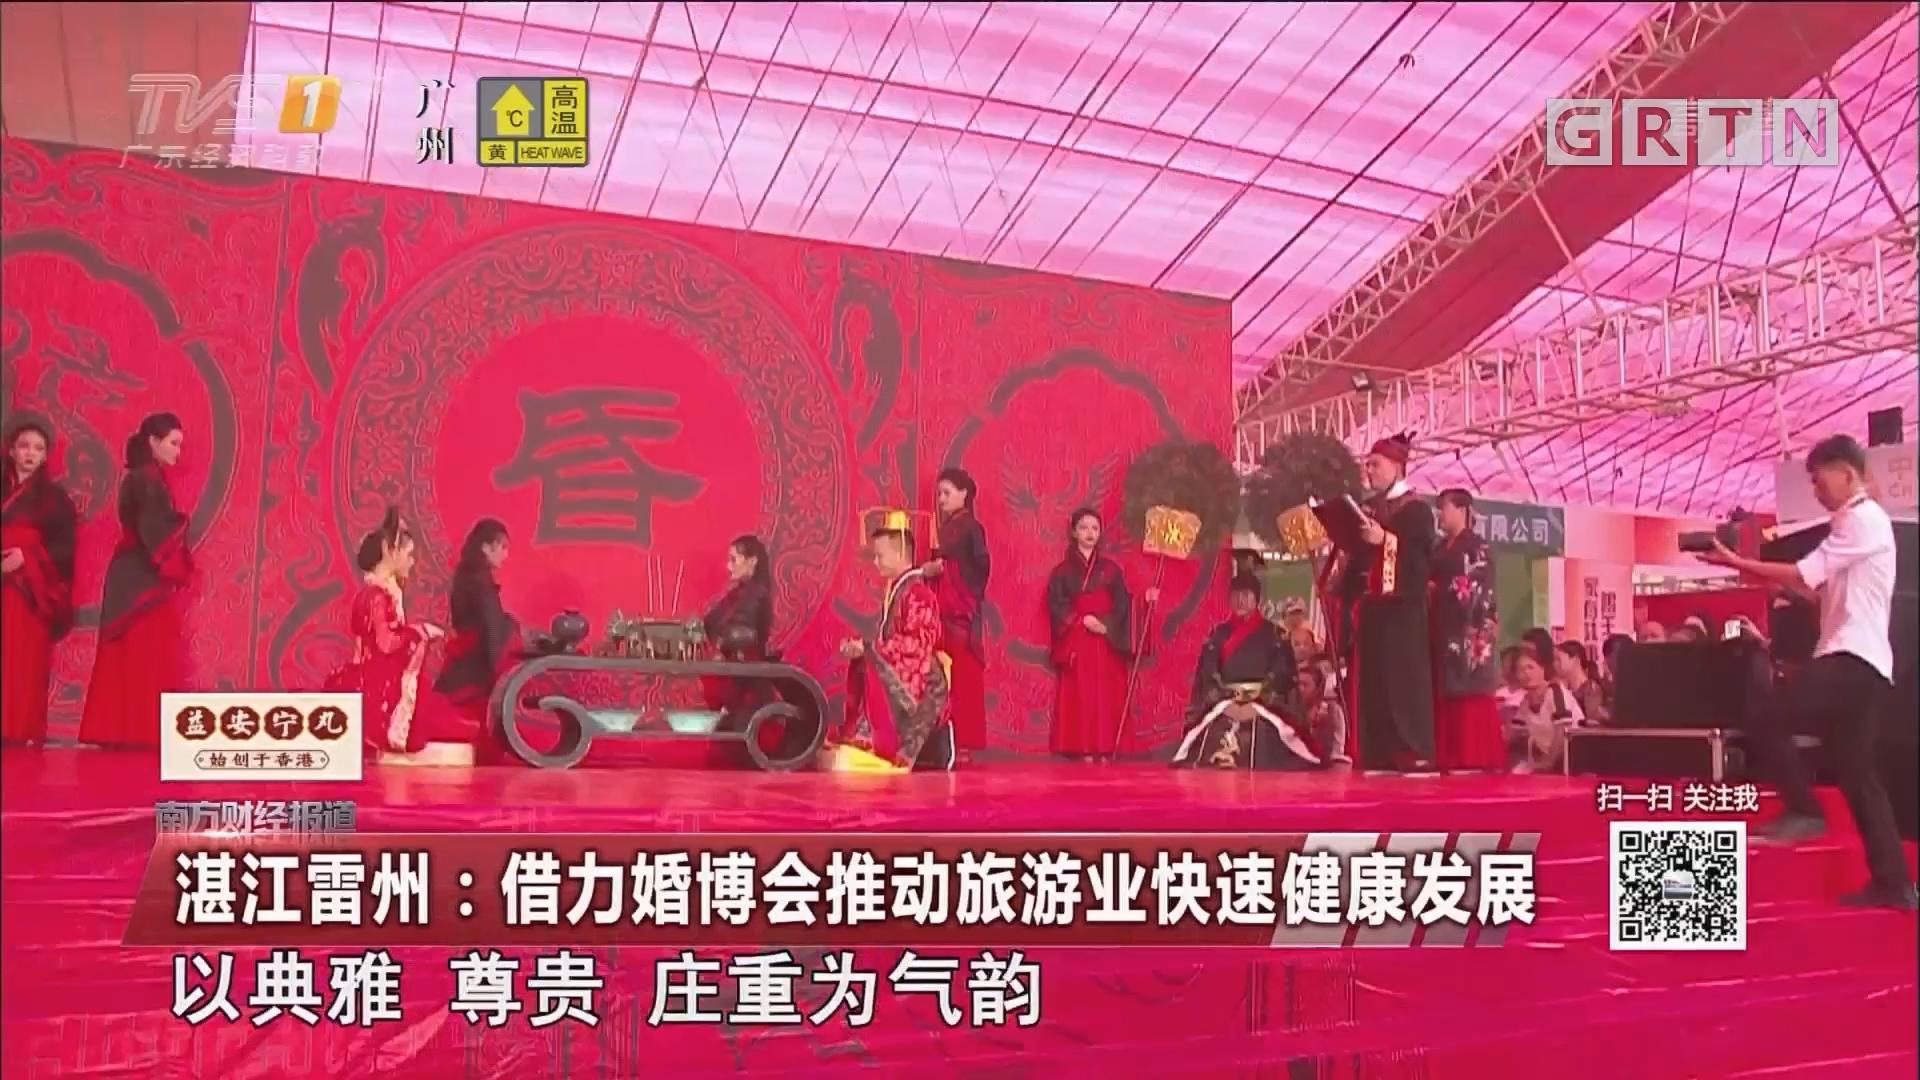 湛江雷州:借力婚博会推动旅游业快速健康发展